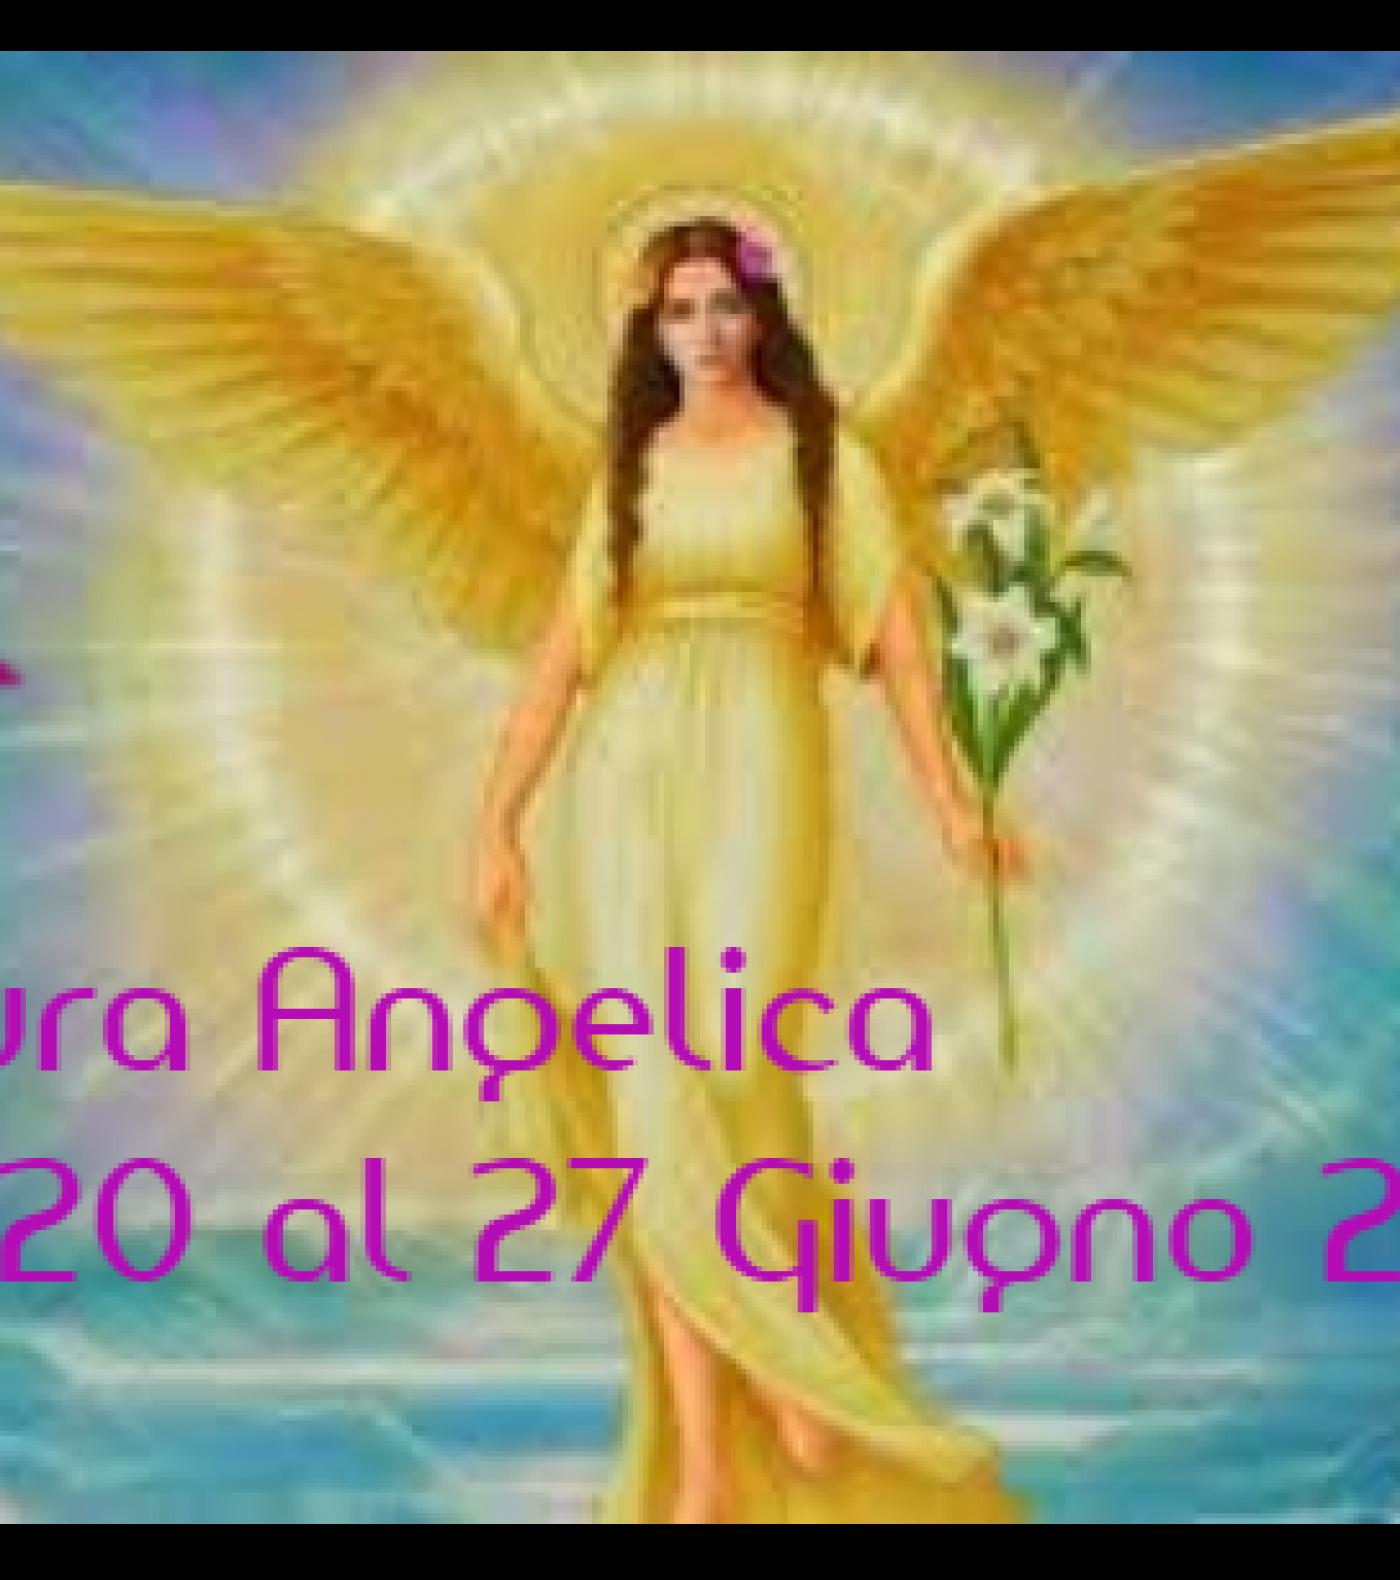 LETTURA ANGELICA SETTIMANALE COME CONNESSIONE DIRETTA CON L'ARCANGELO MICHELE DAL 20  AL 27 GIUGNO 2020.